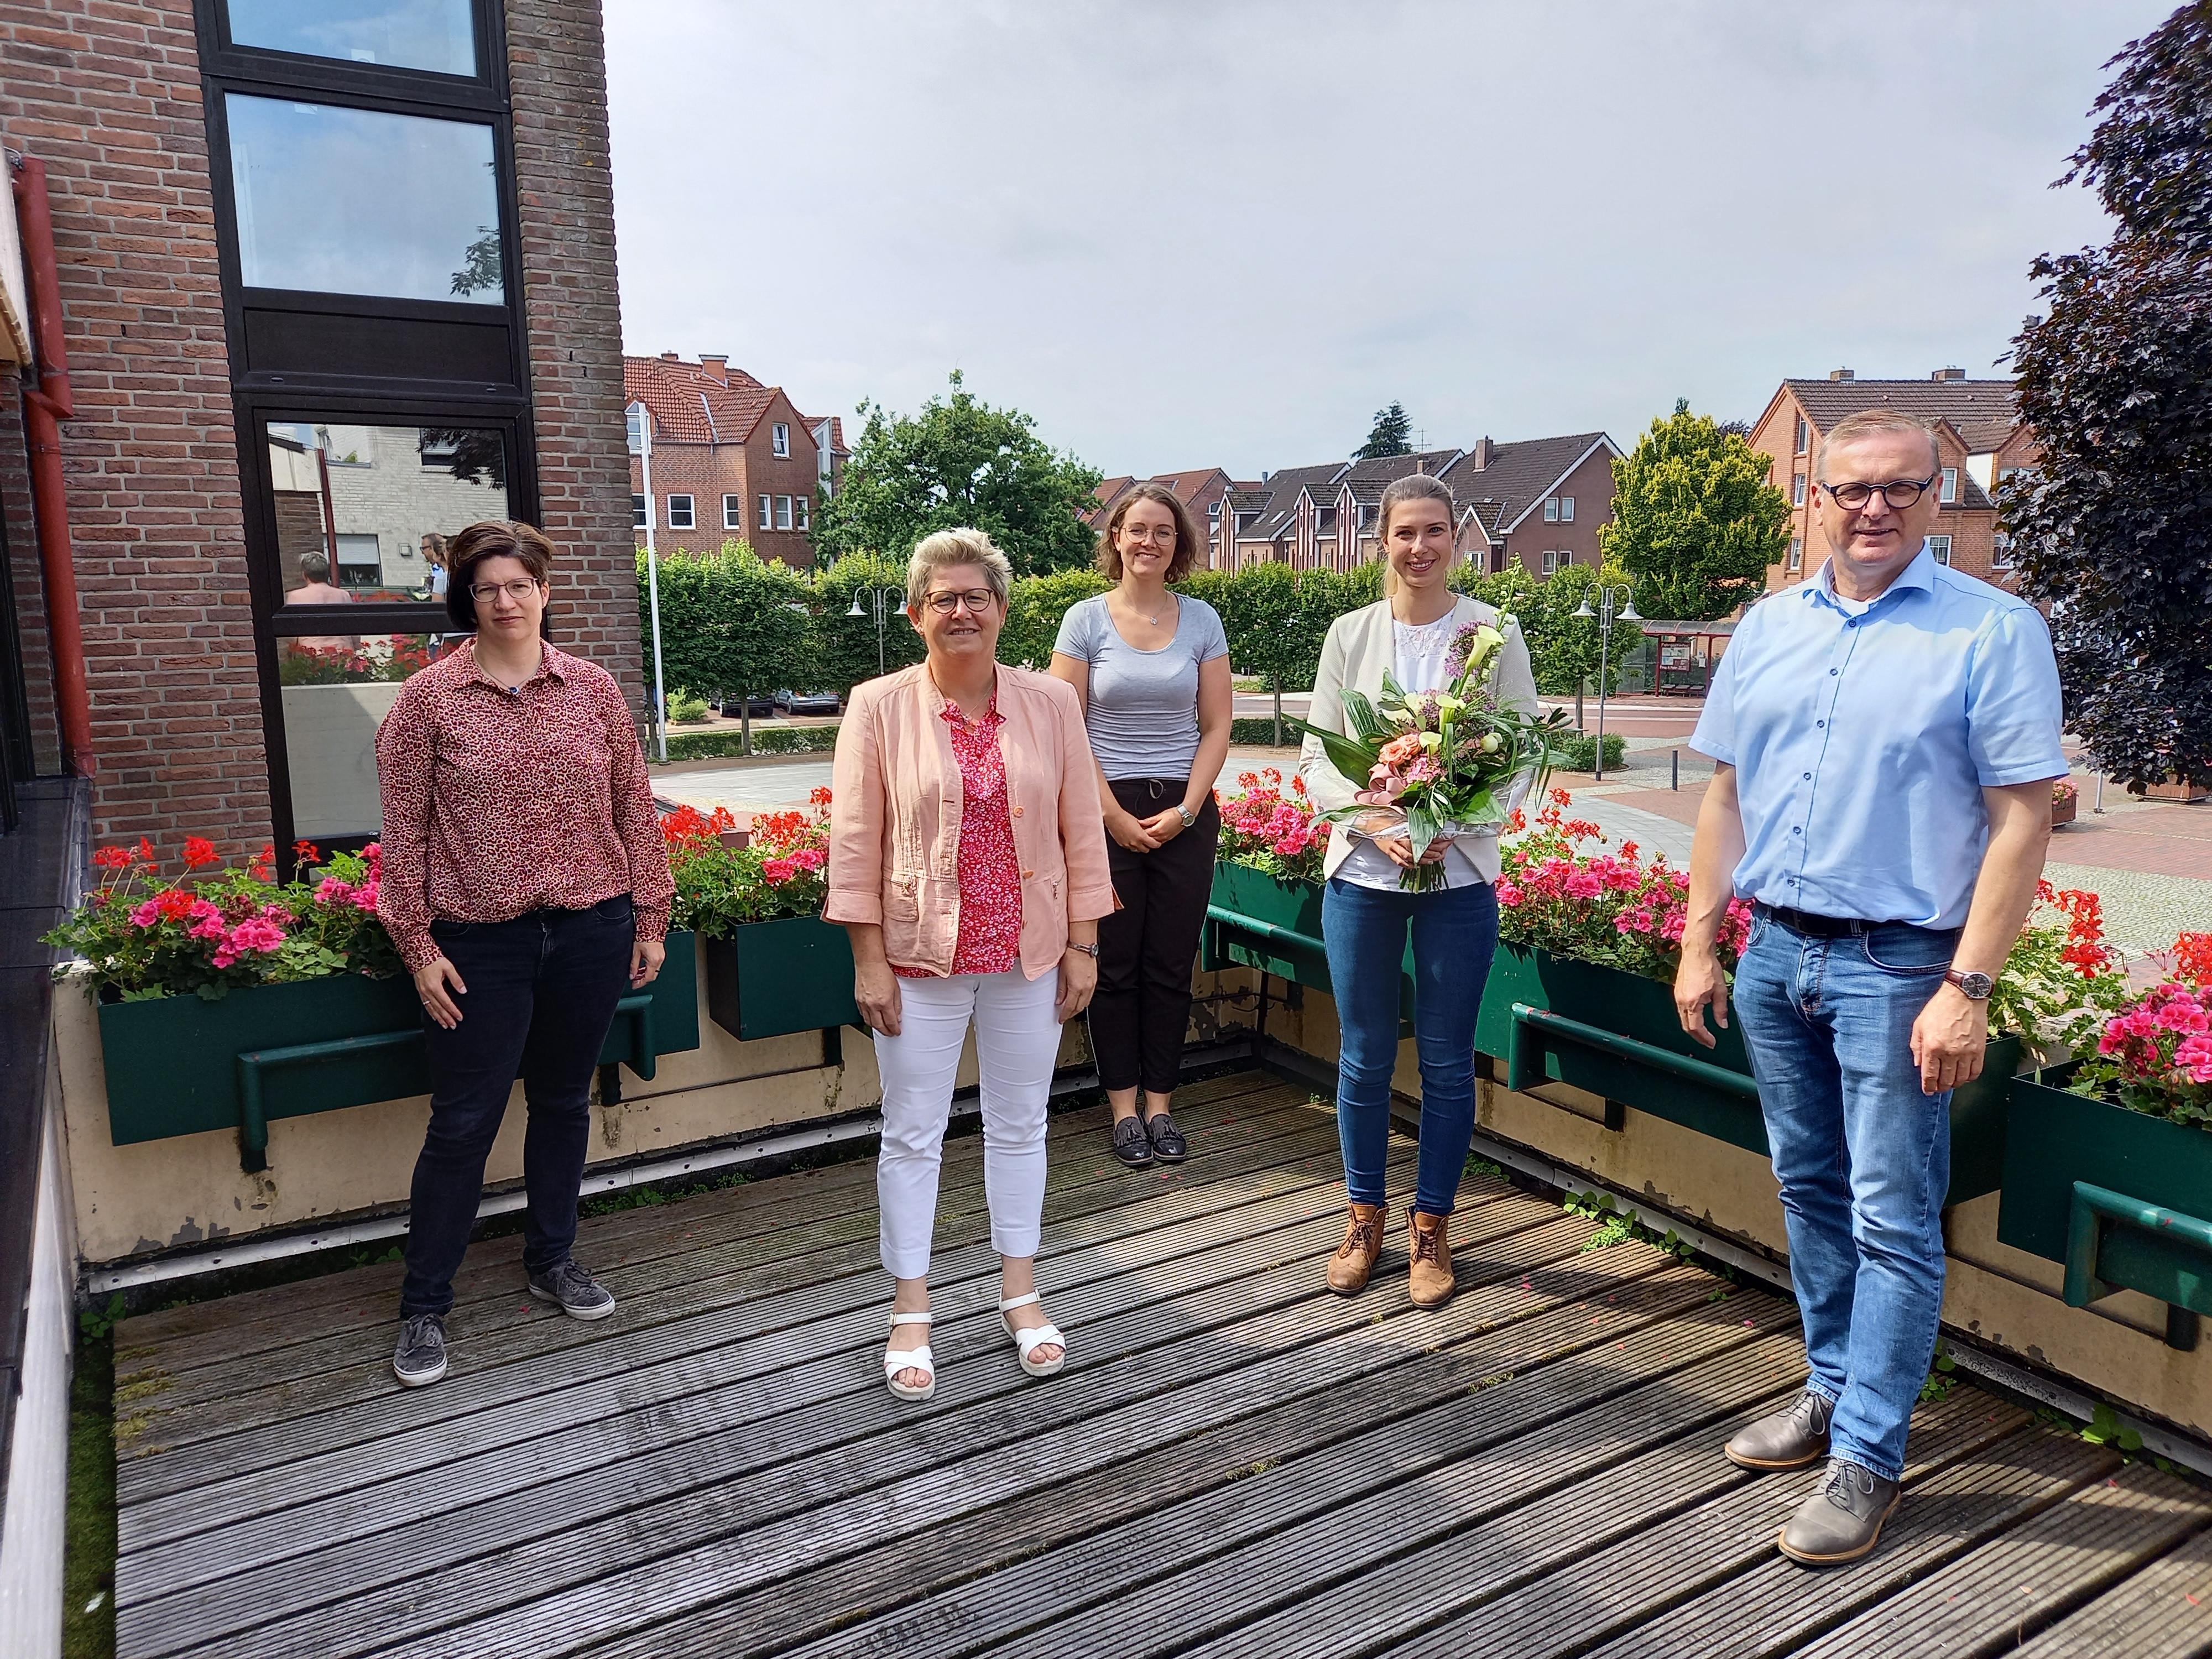 Neues aus dem Lathener Rathaus –  Helga Meyer zur Standesbeamtin bestellt und Ann-Kathrin Path zur Samtgemeindeinspektorin ernannt